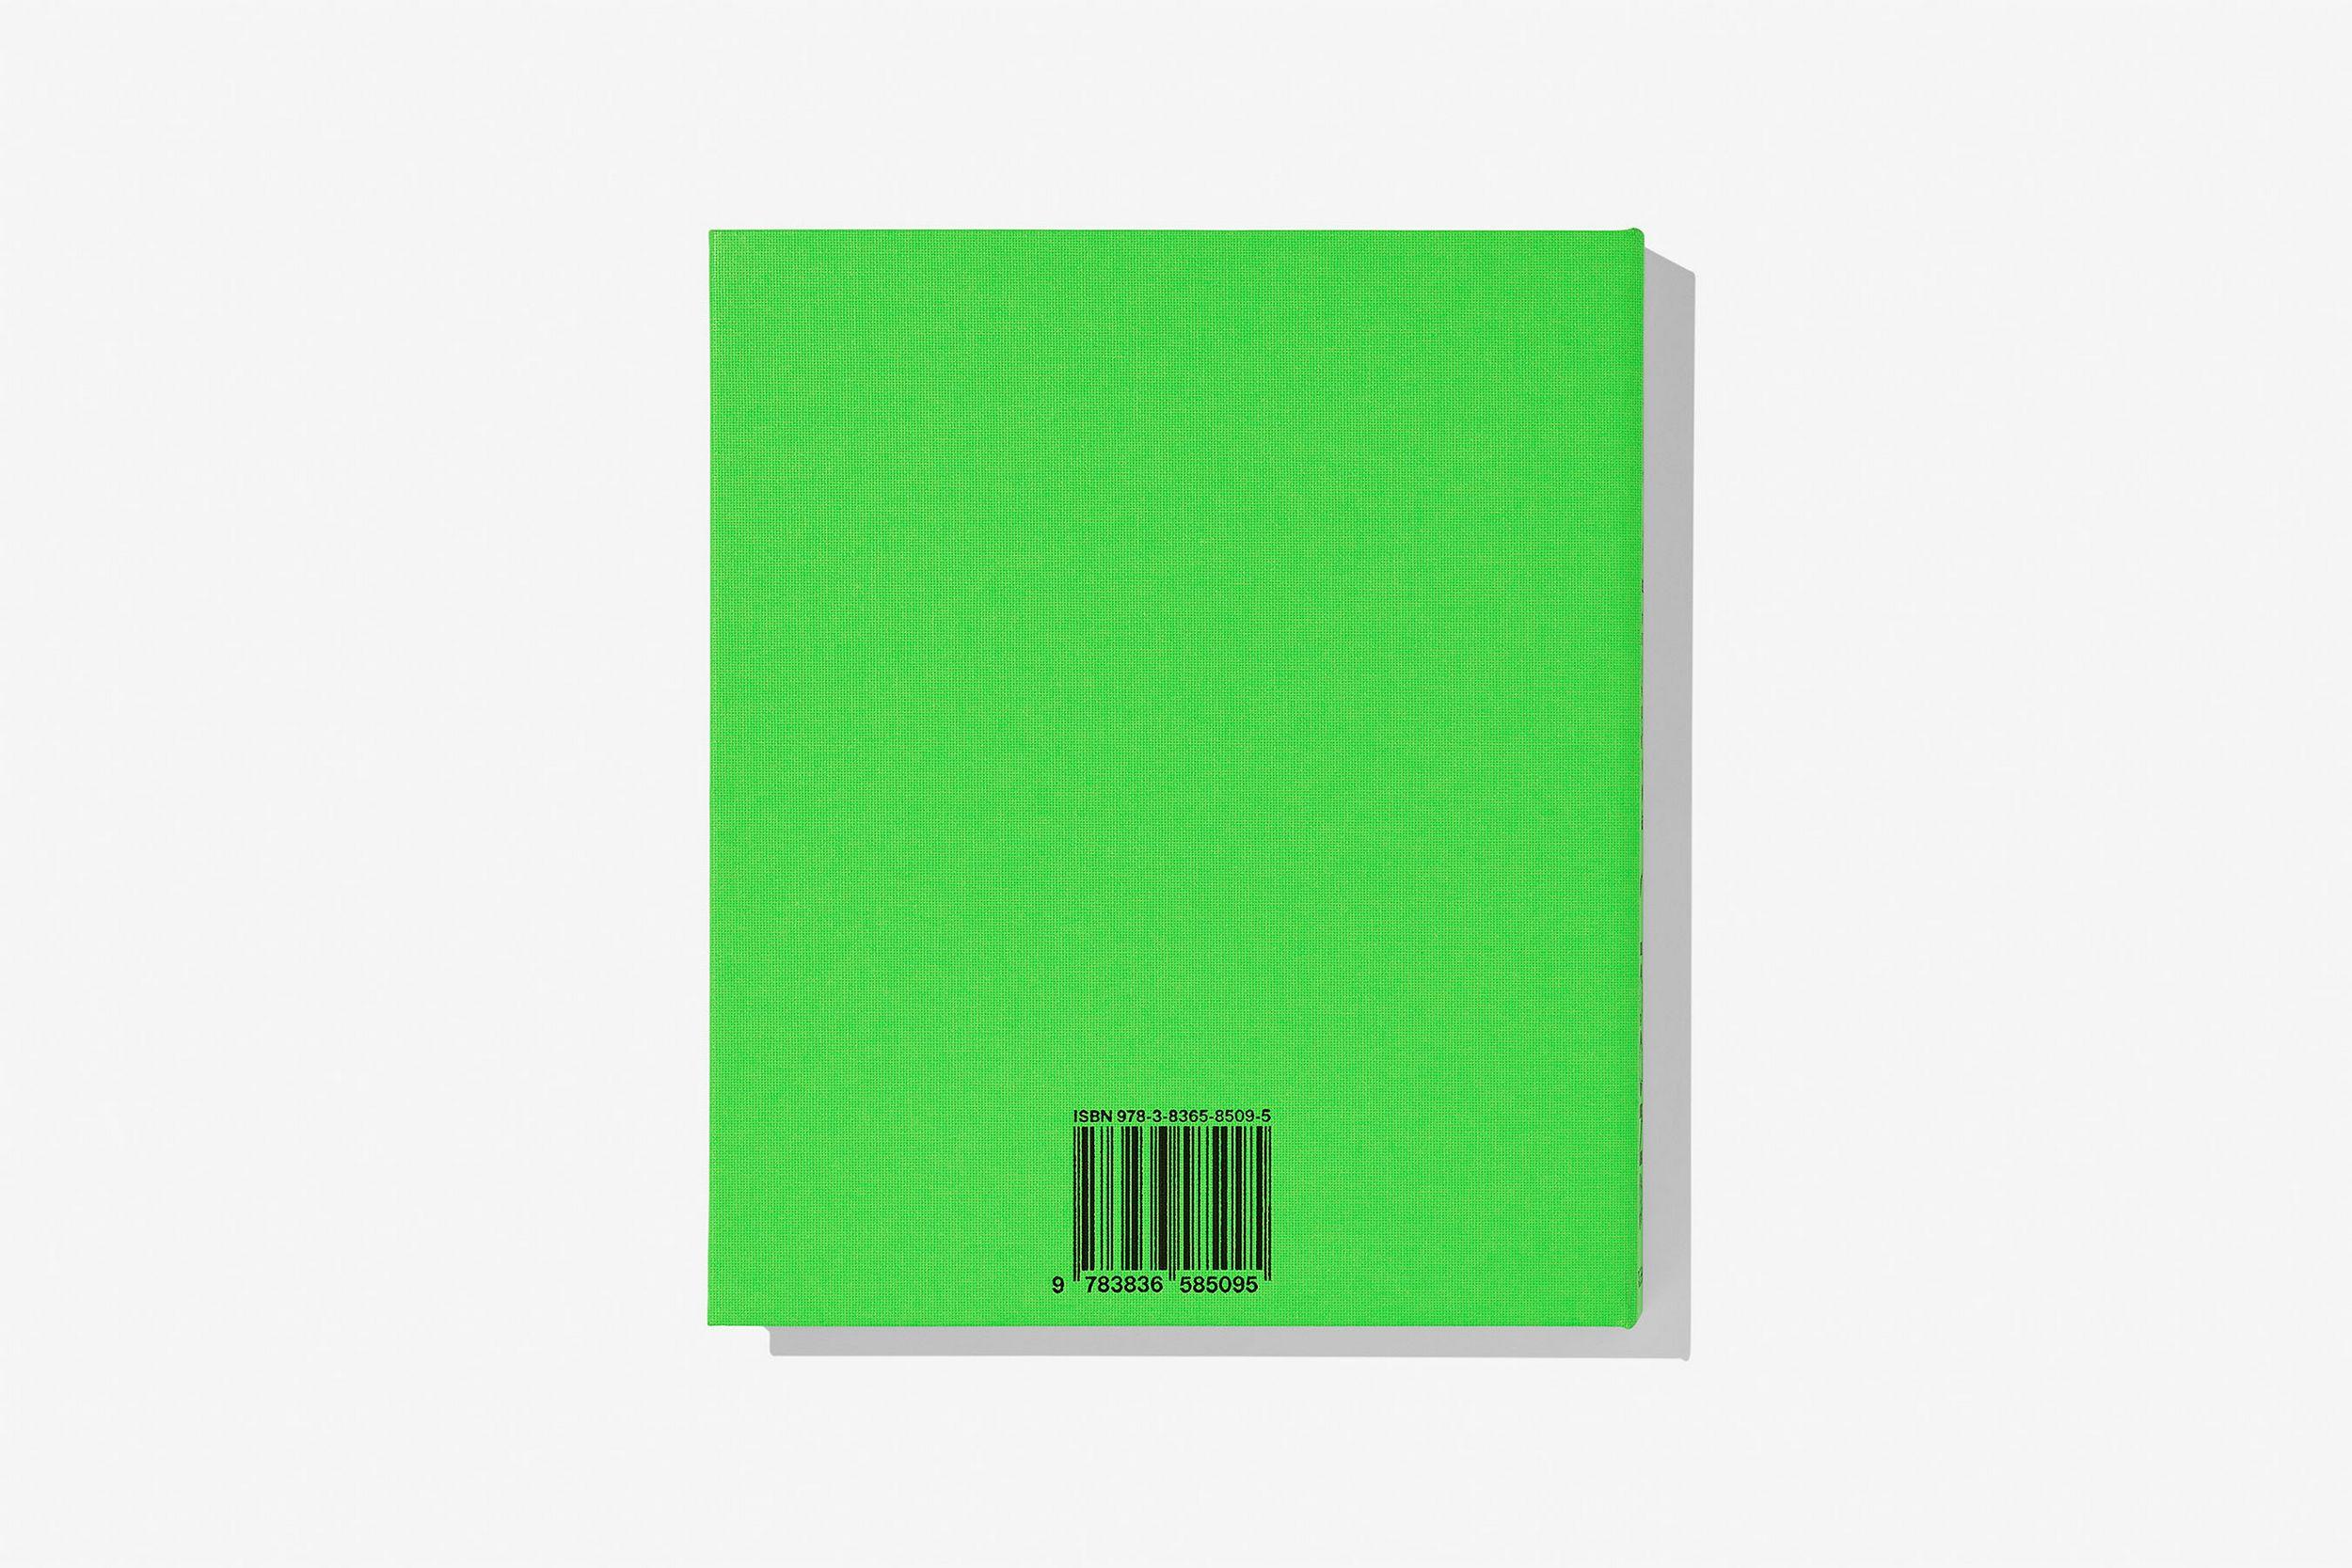 Virgil Abloh. Nike. ICONS Hardcover, Schweizer Broschur, 25,5 x 29,7 cm, 2,33 kg, 352 Seiten